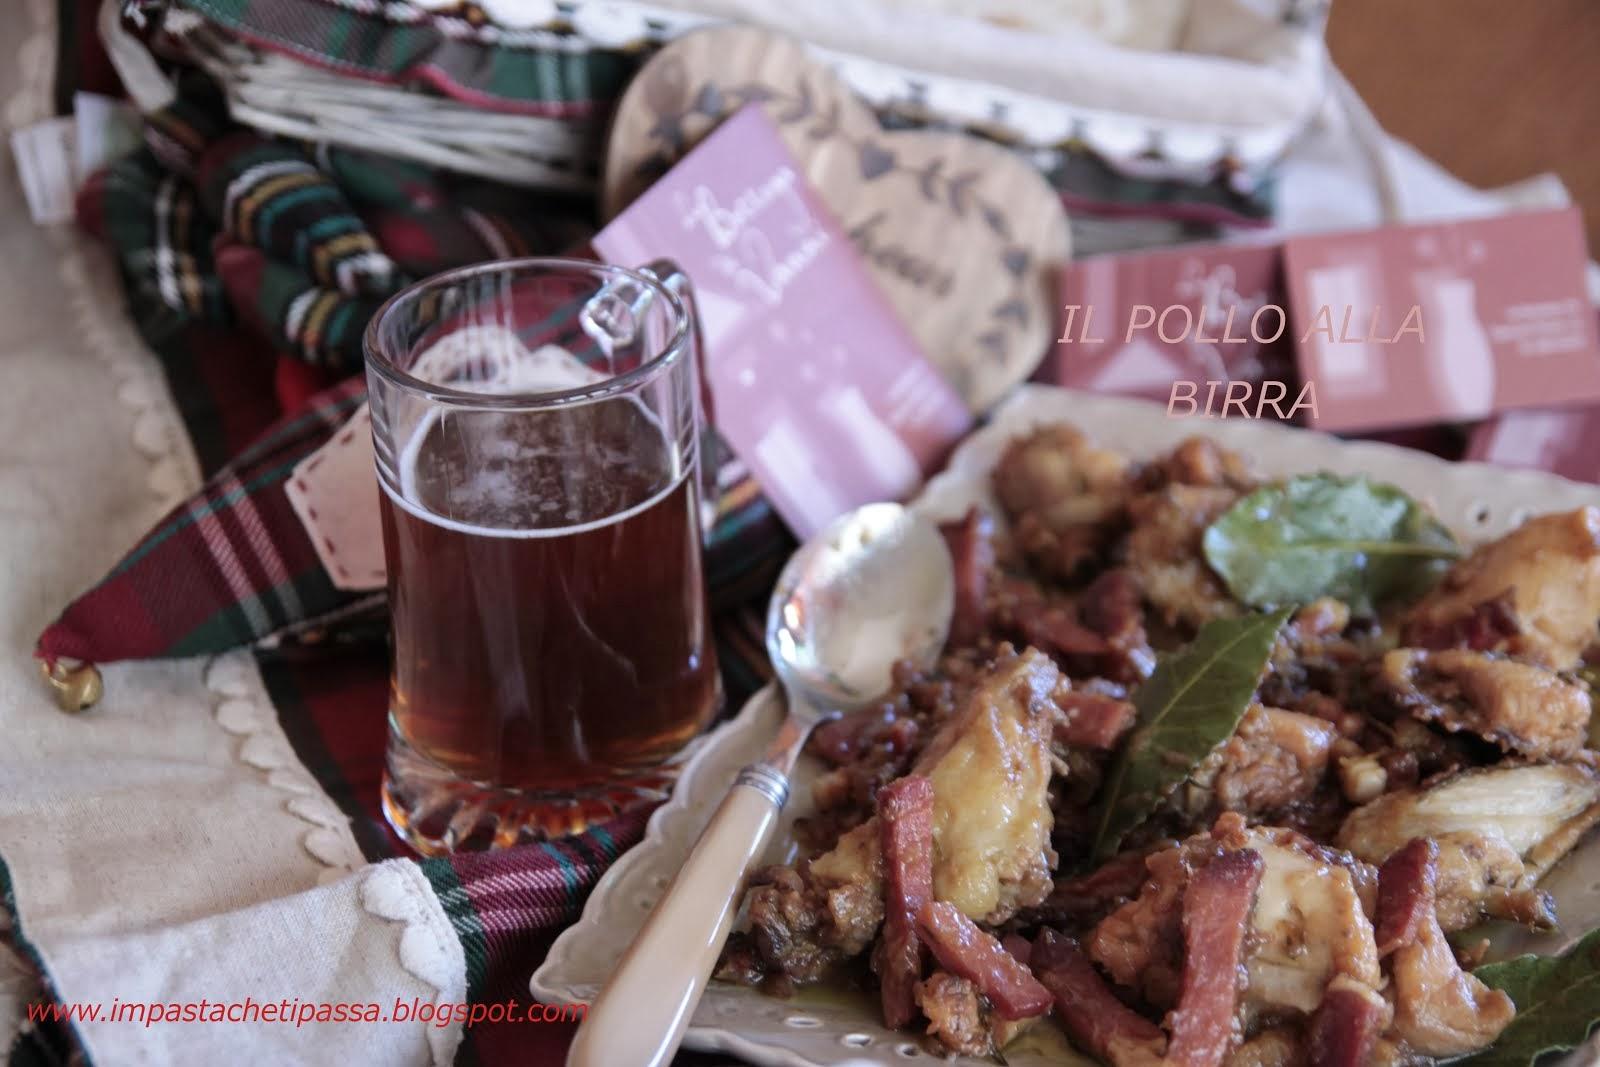 Pollo alla Birra